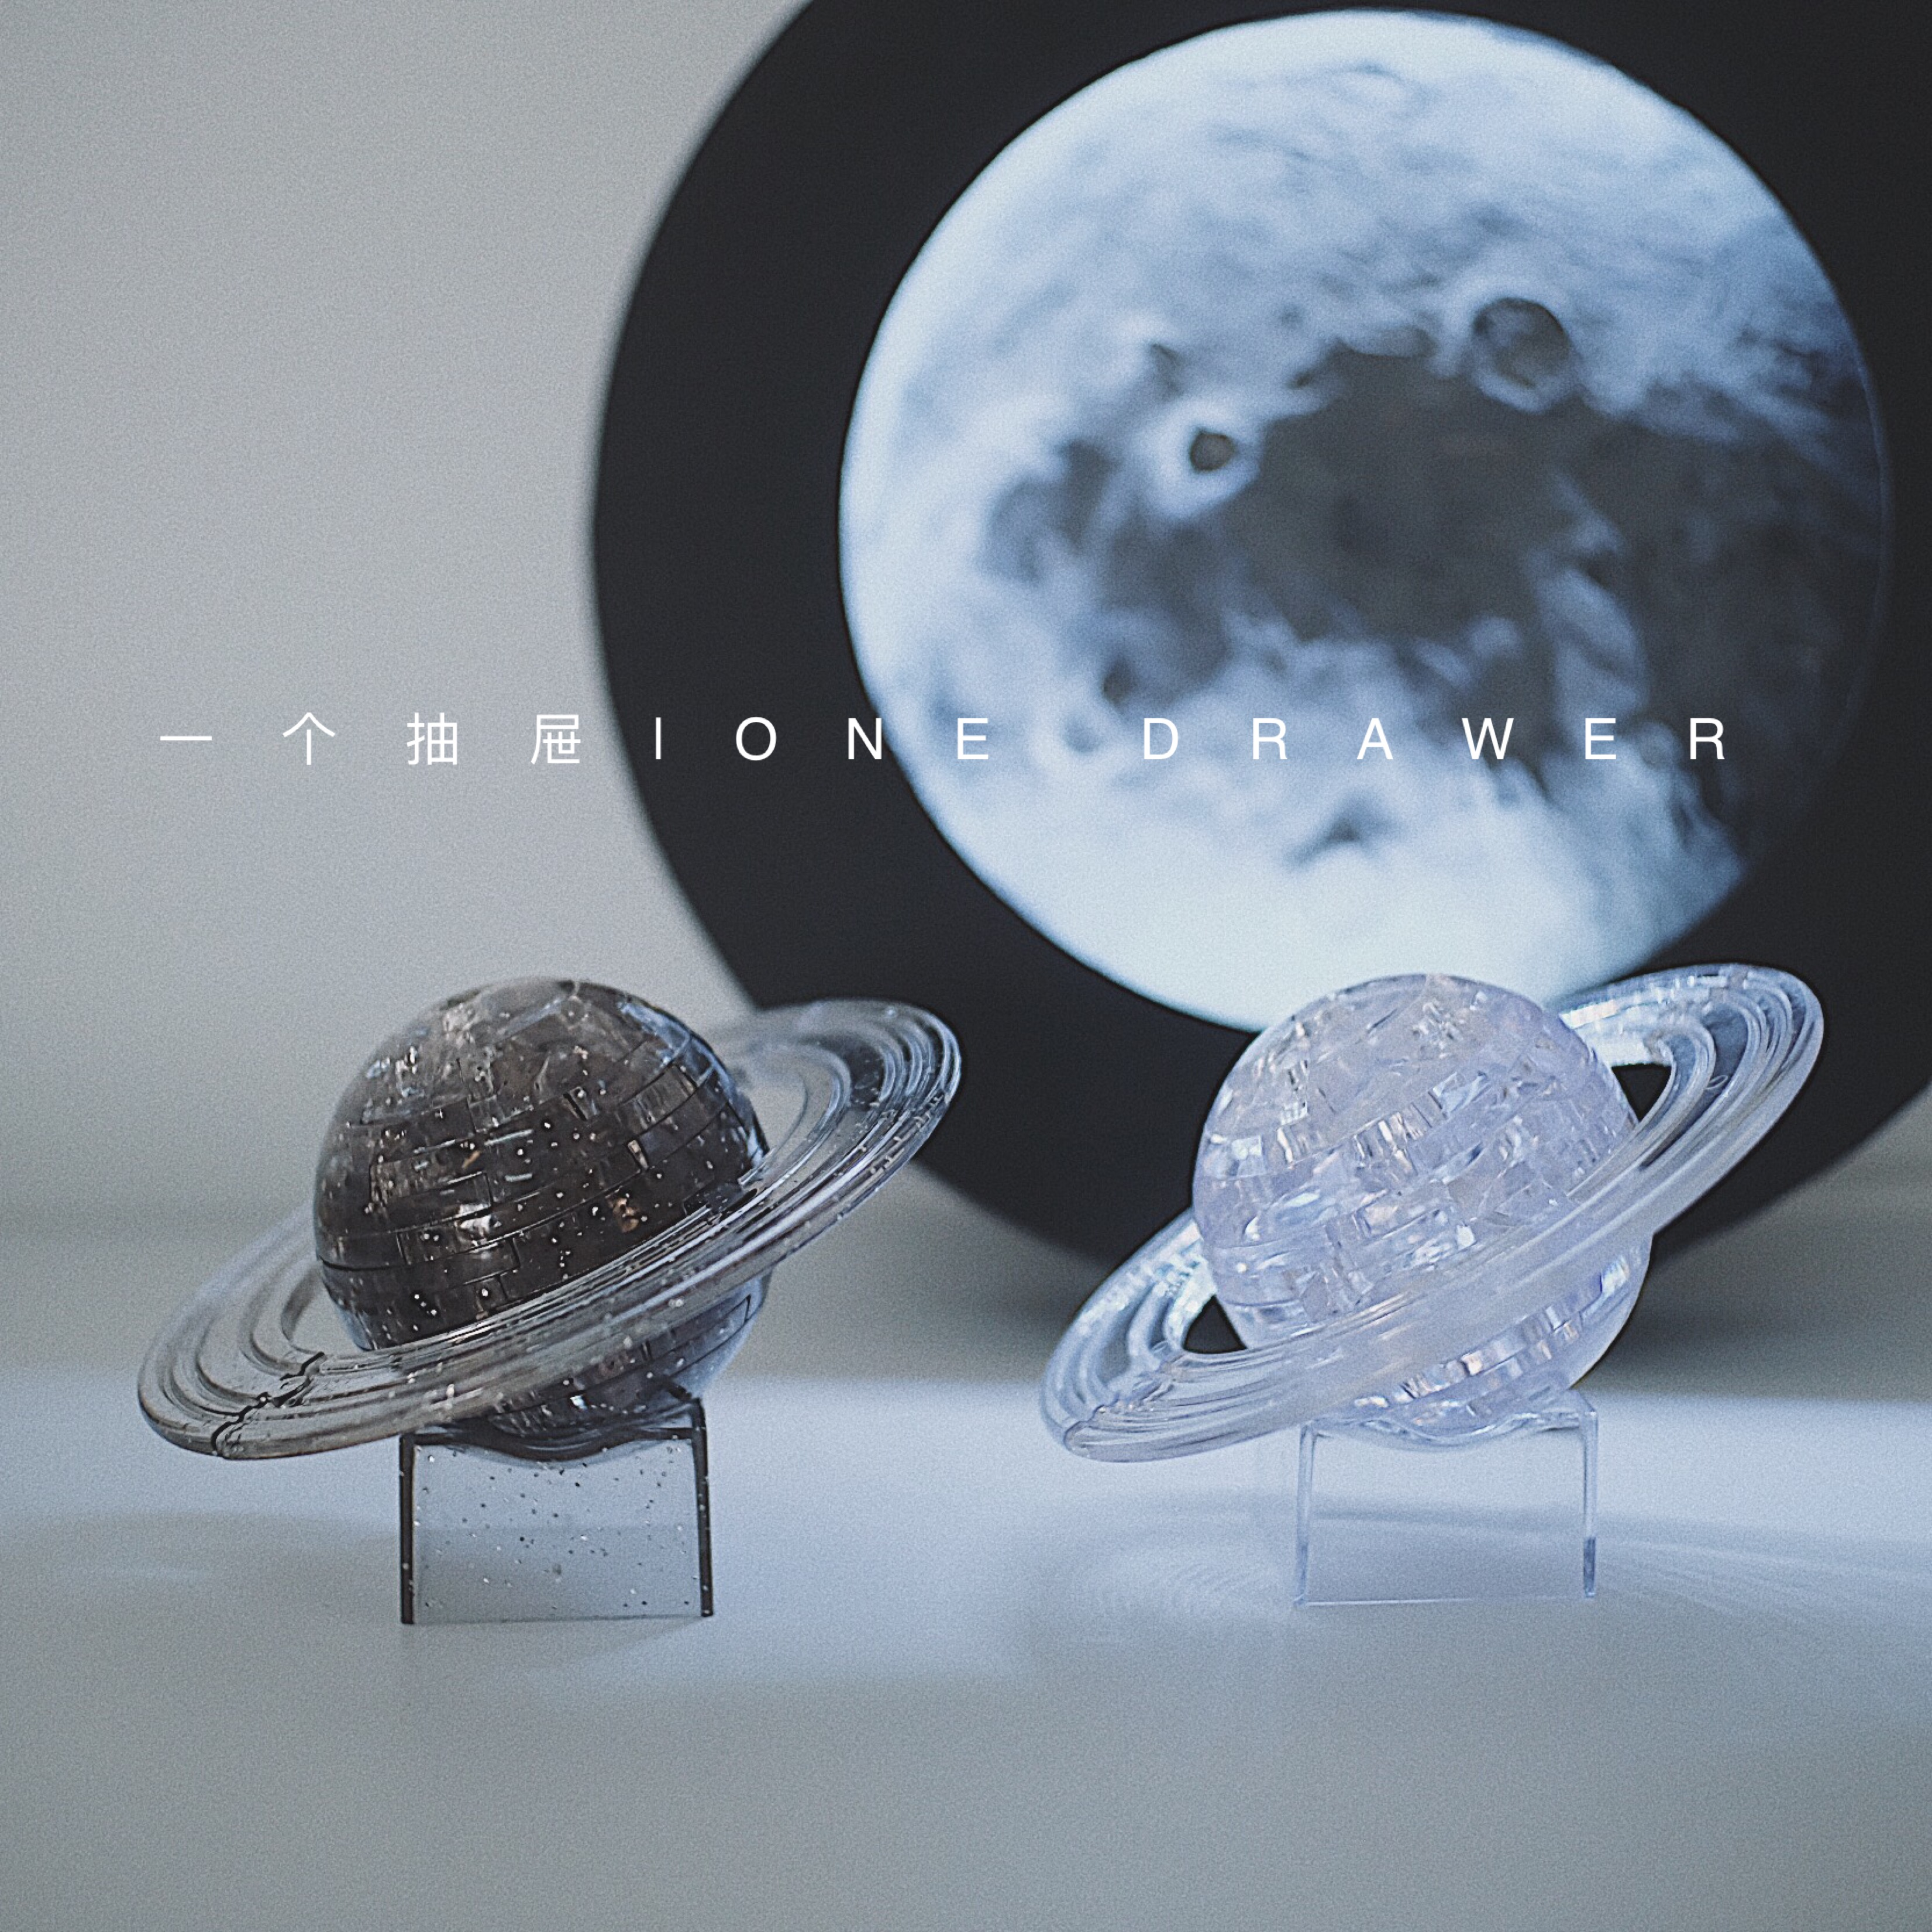 「一个抽屉 」星球宇宙塑料3d水晶拼图创意装饰居家摆件生日礼物11月30日最新优惠